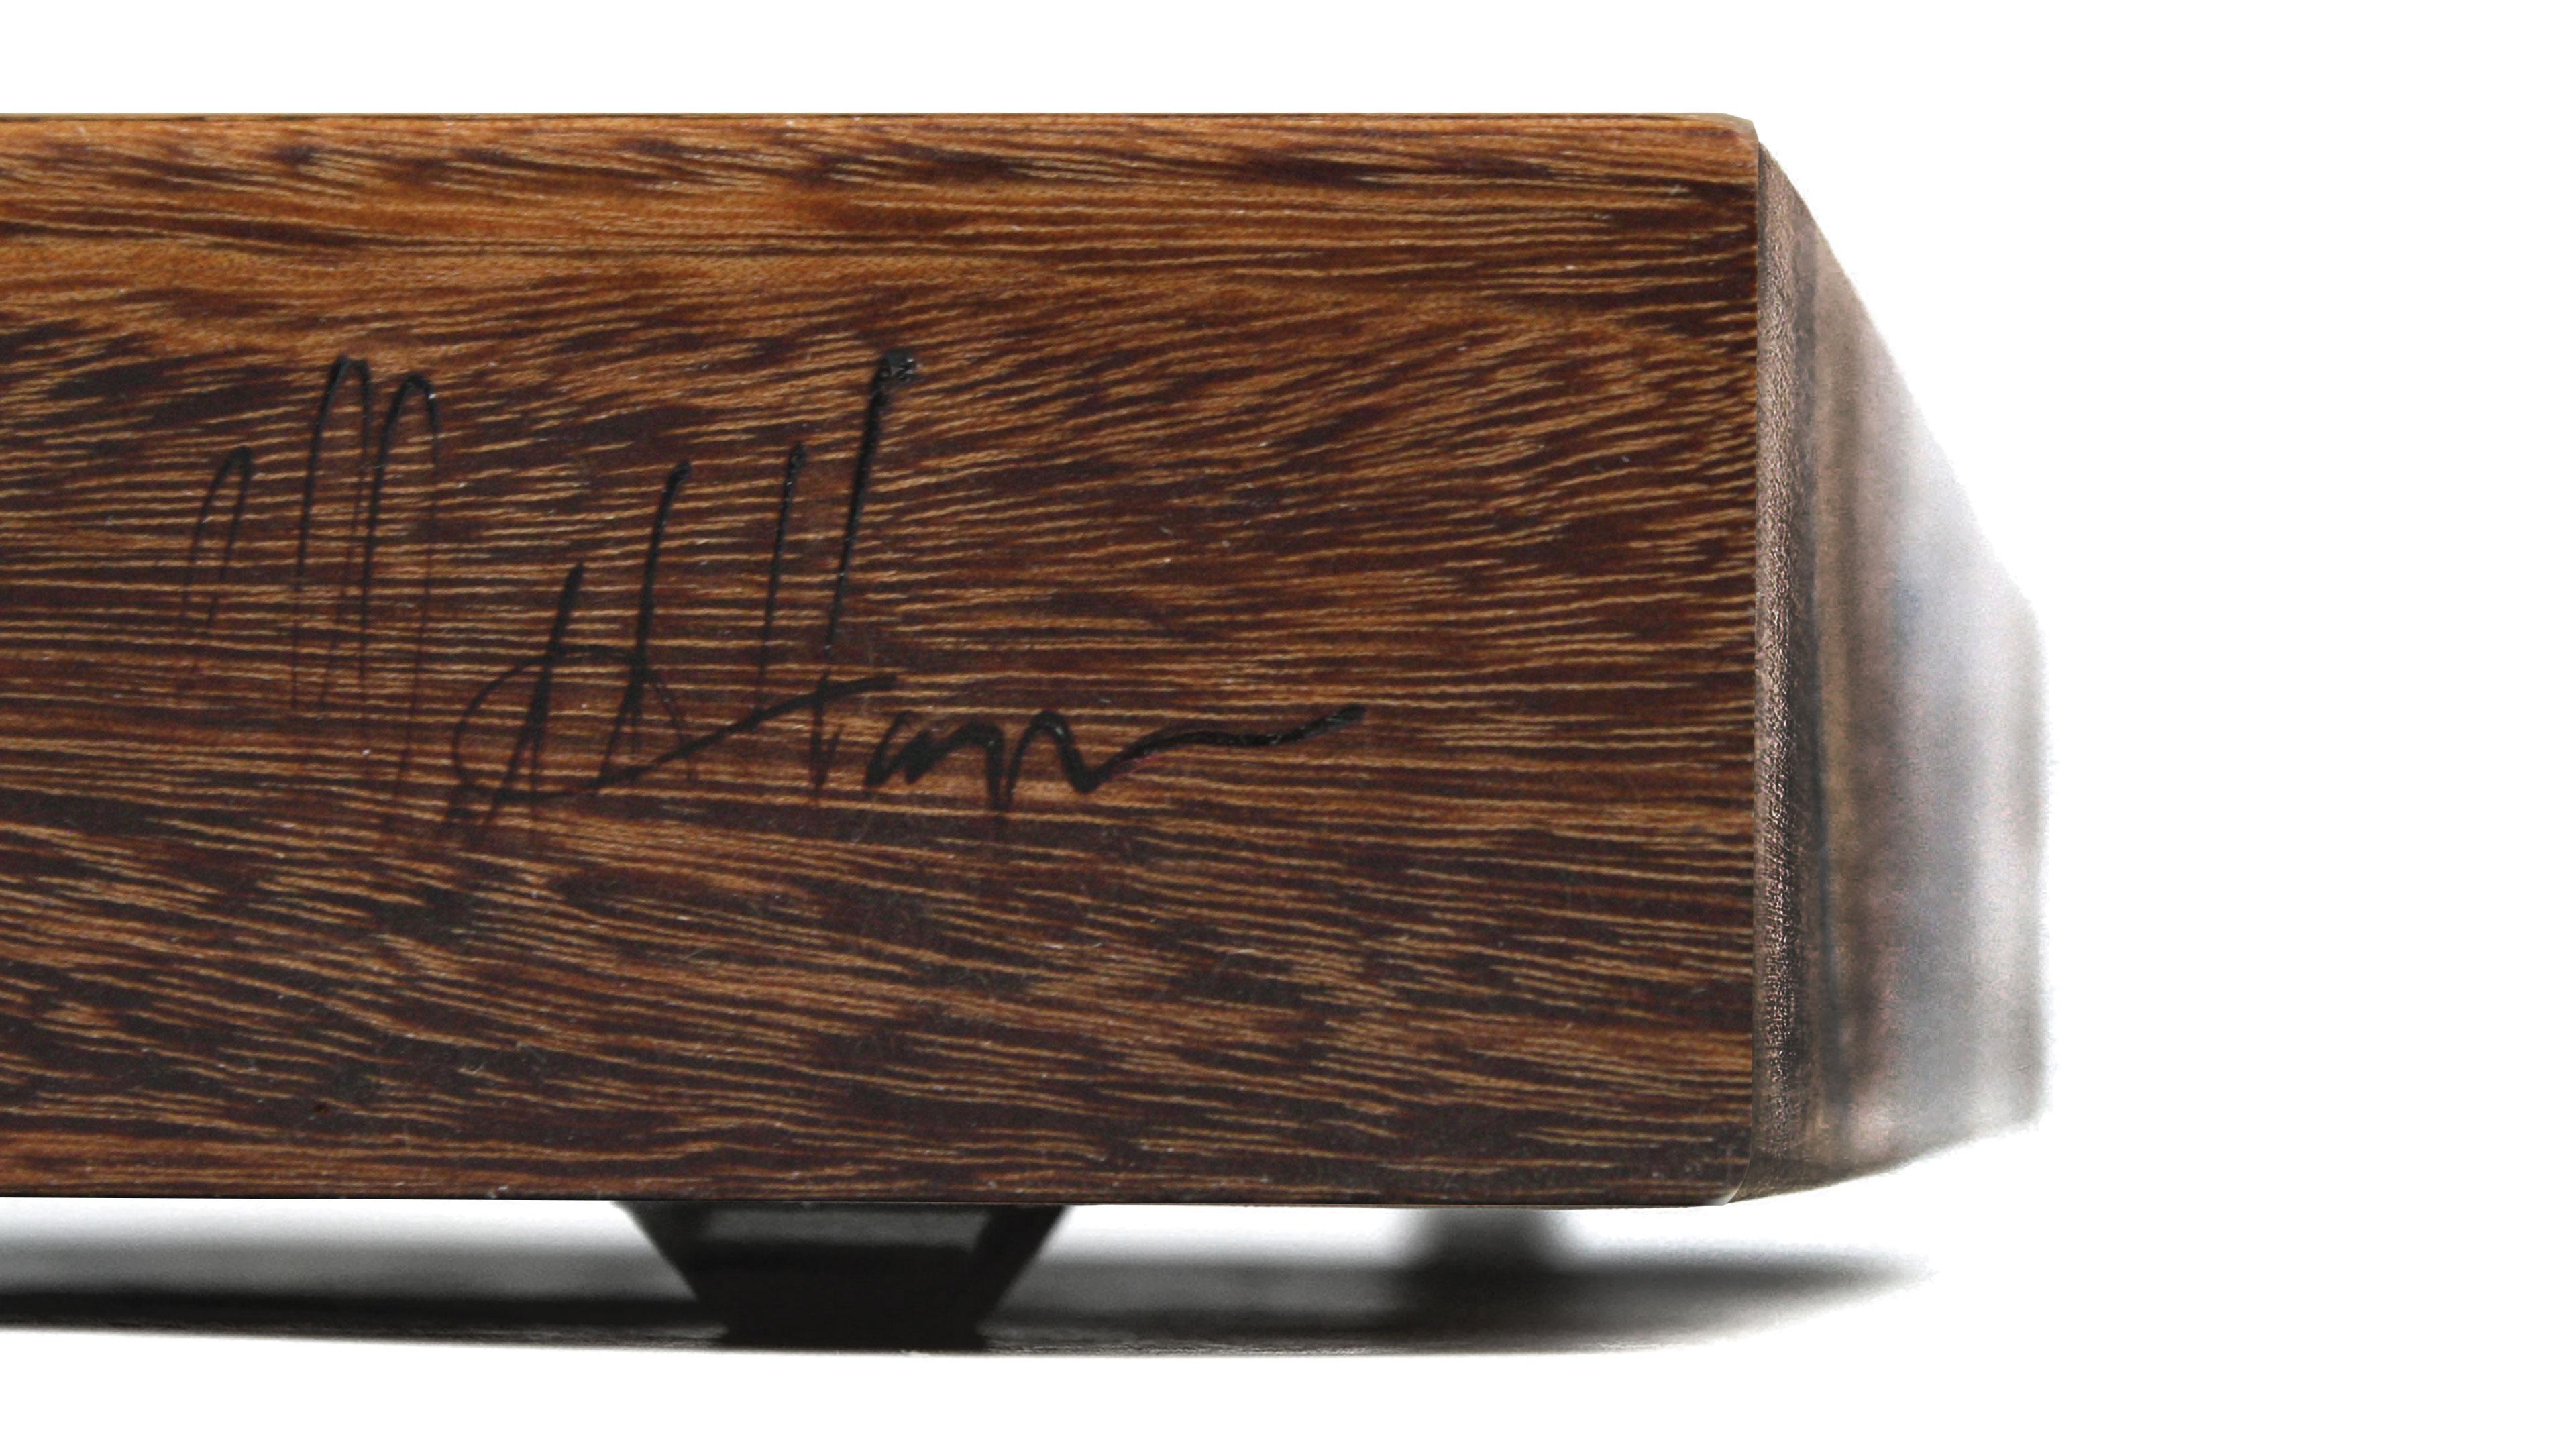 Cotton And Dust Tigerwood Cutting Board Severyn 24x18 Inch